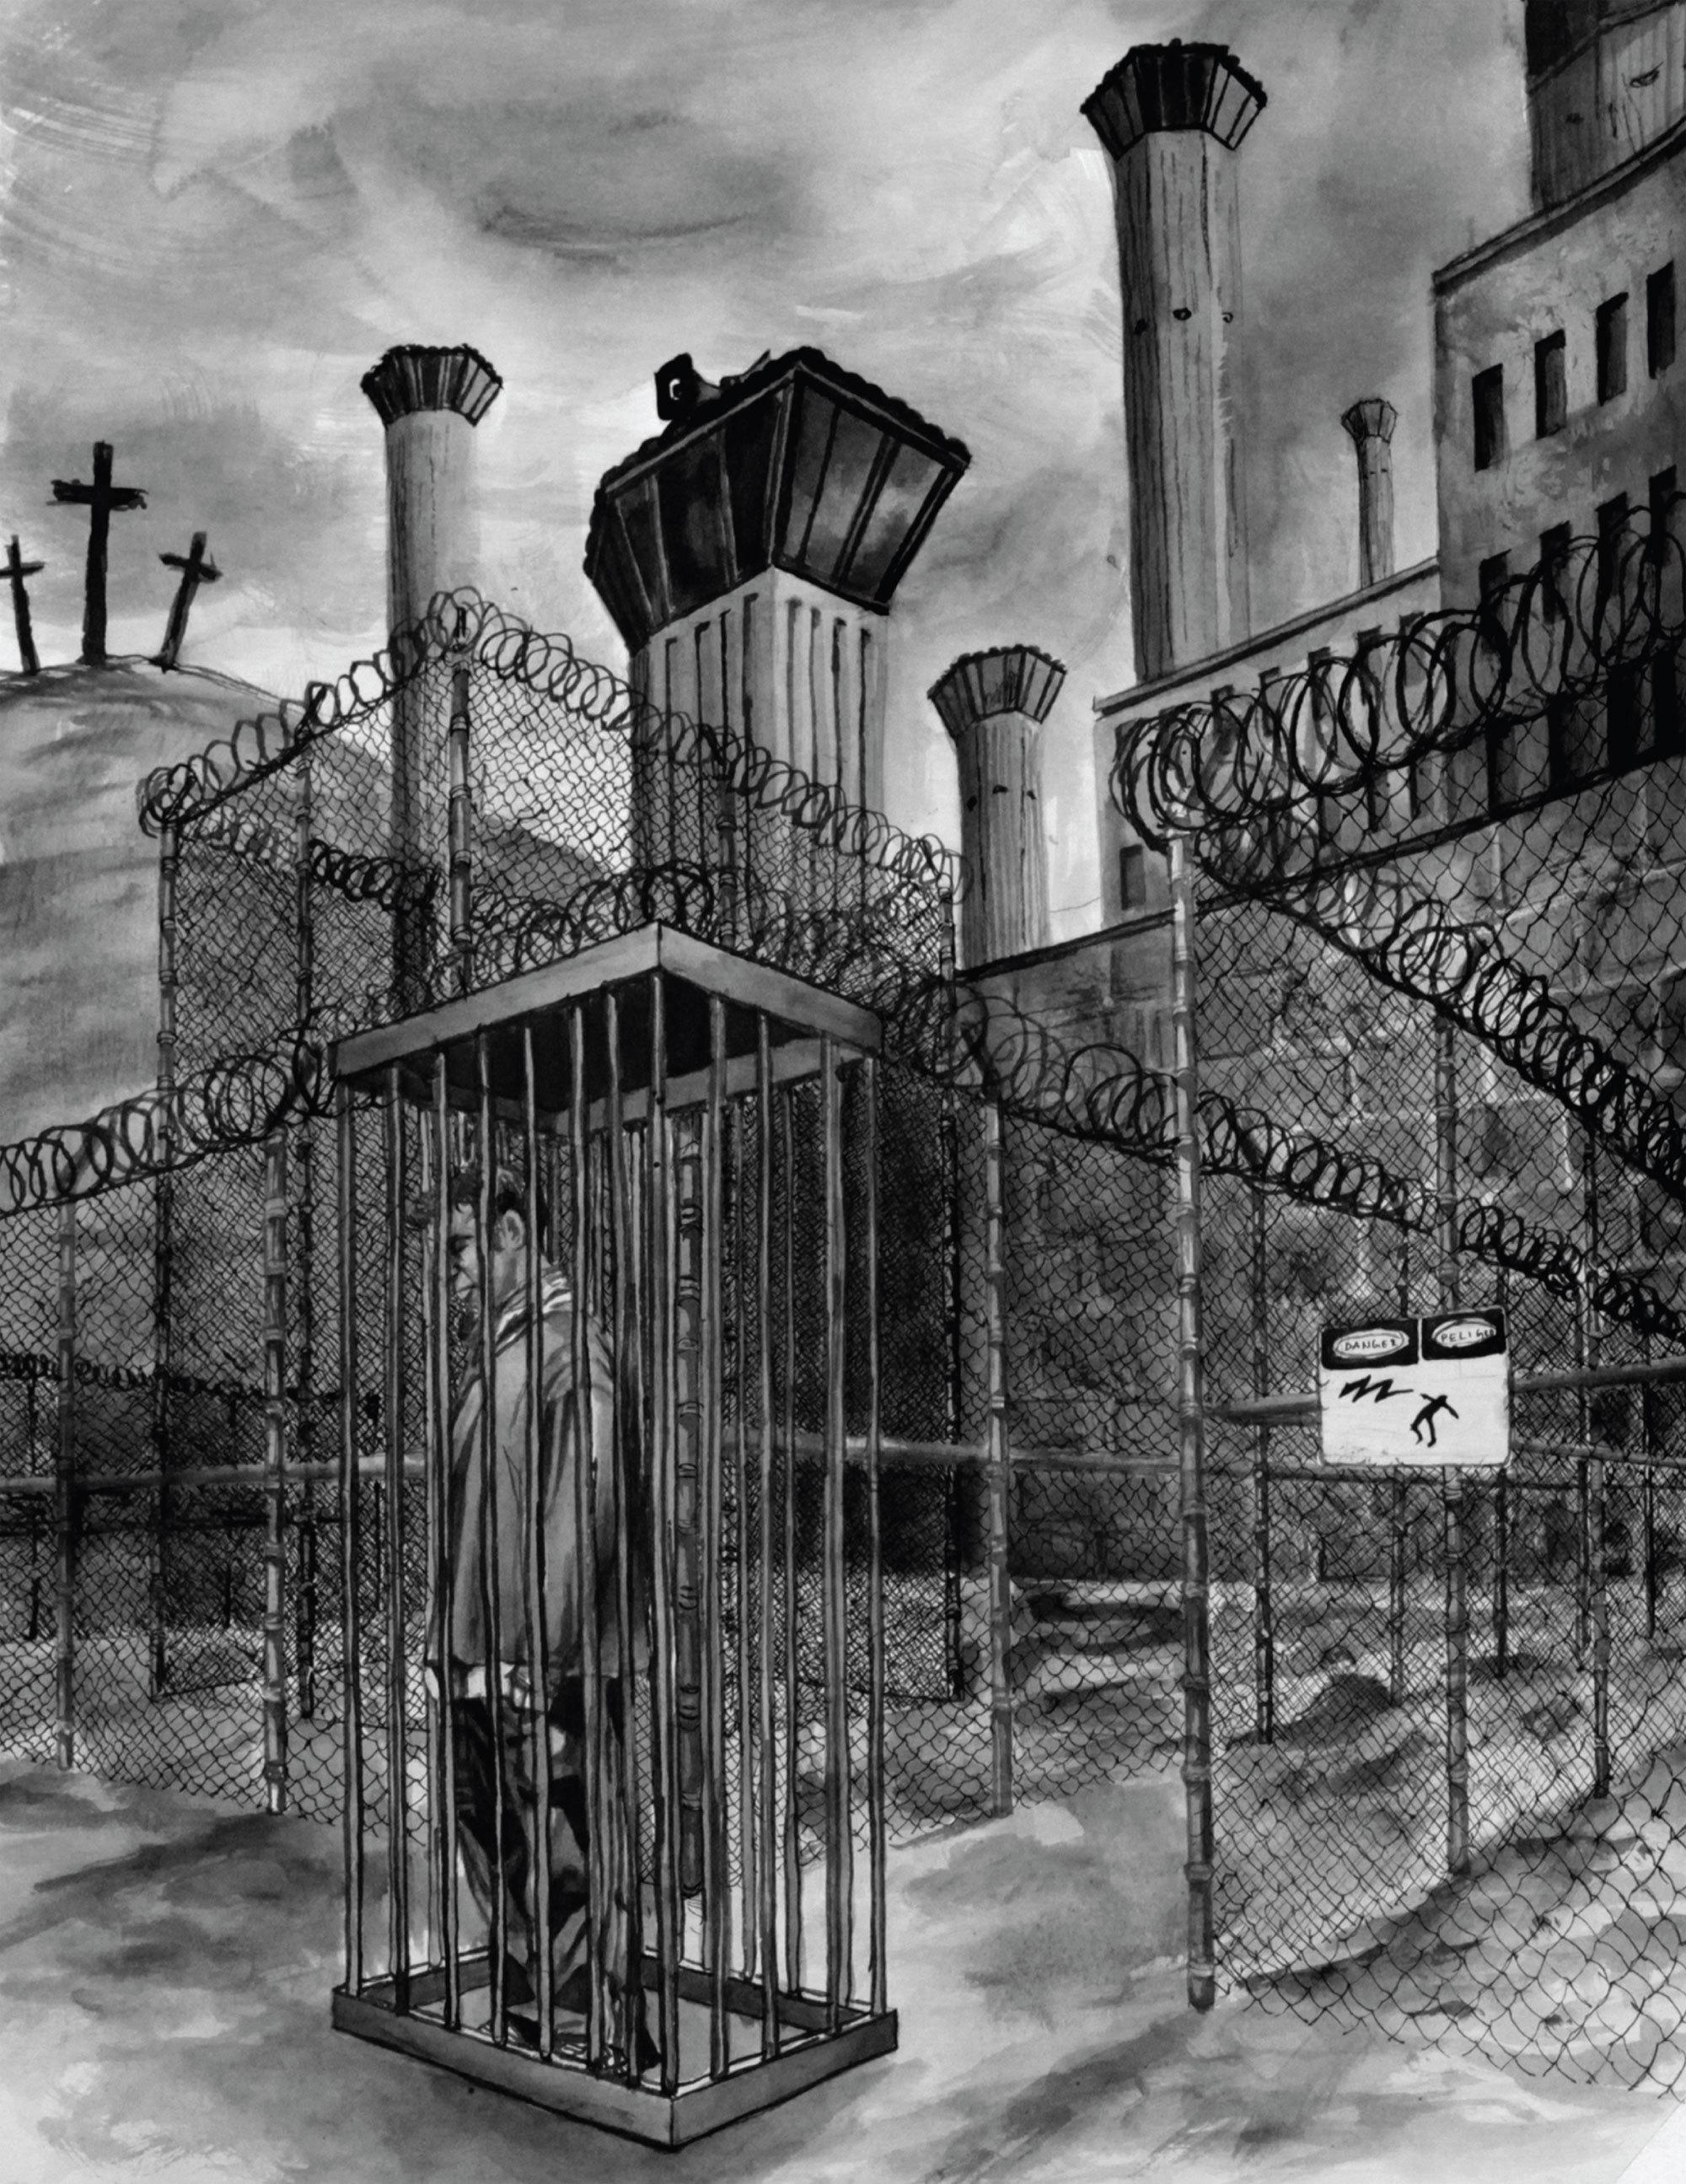 Gevangen door een zwarte pik